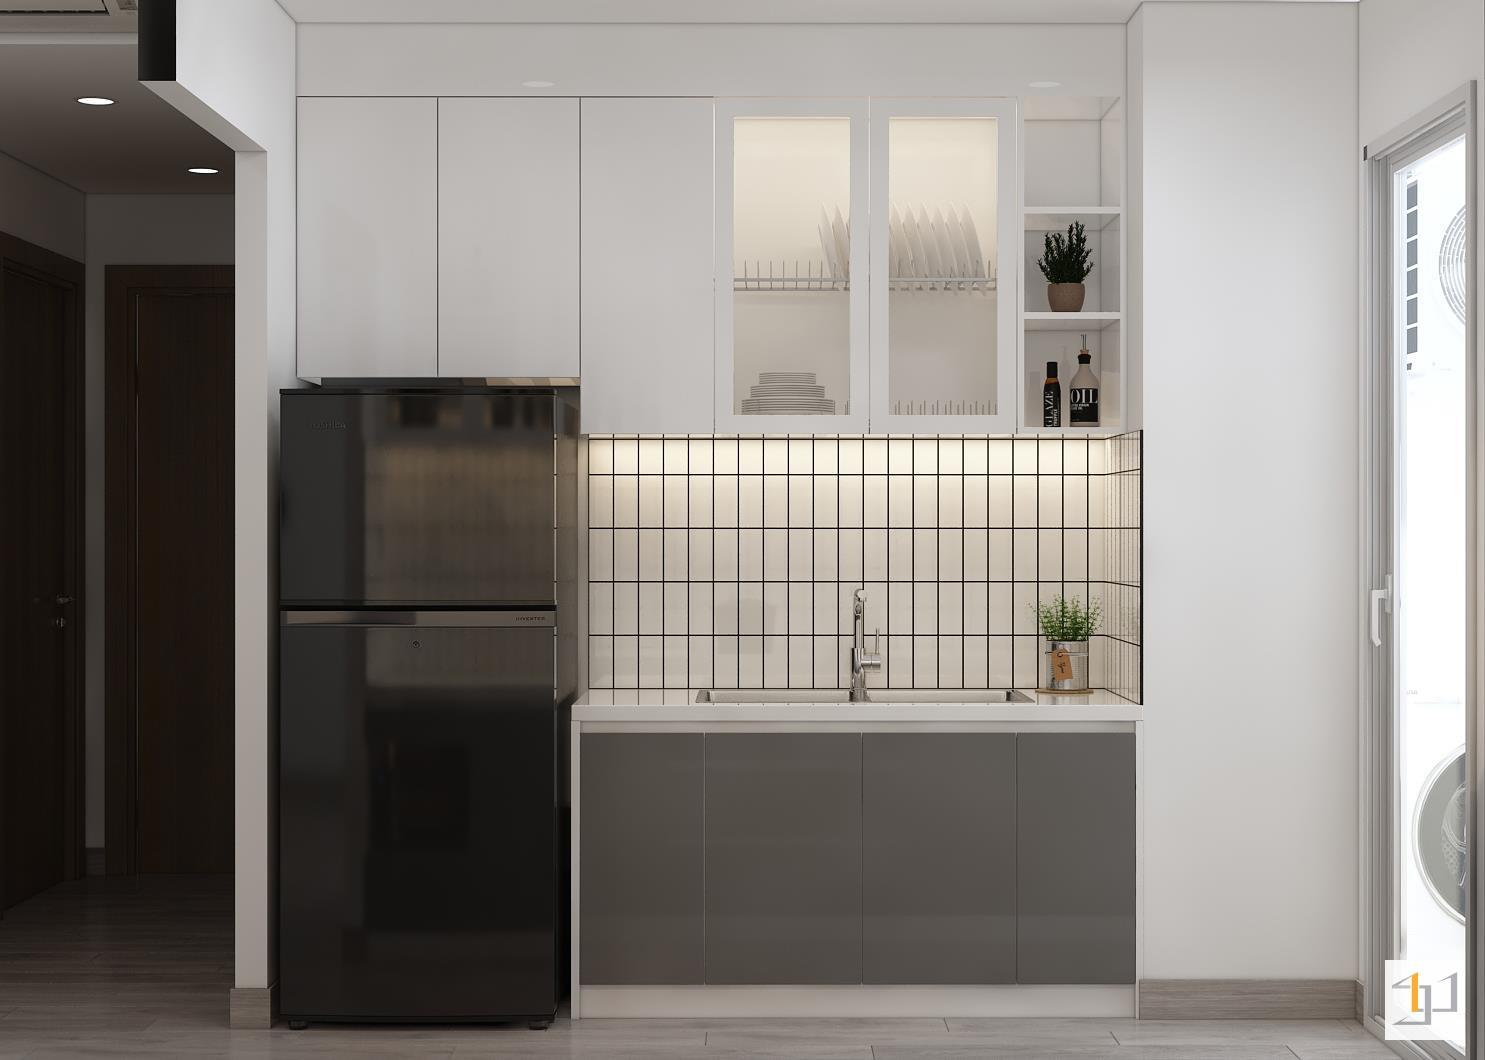 thiết kế nội thất chung cư đơn giản - 10